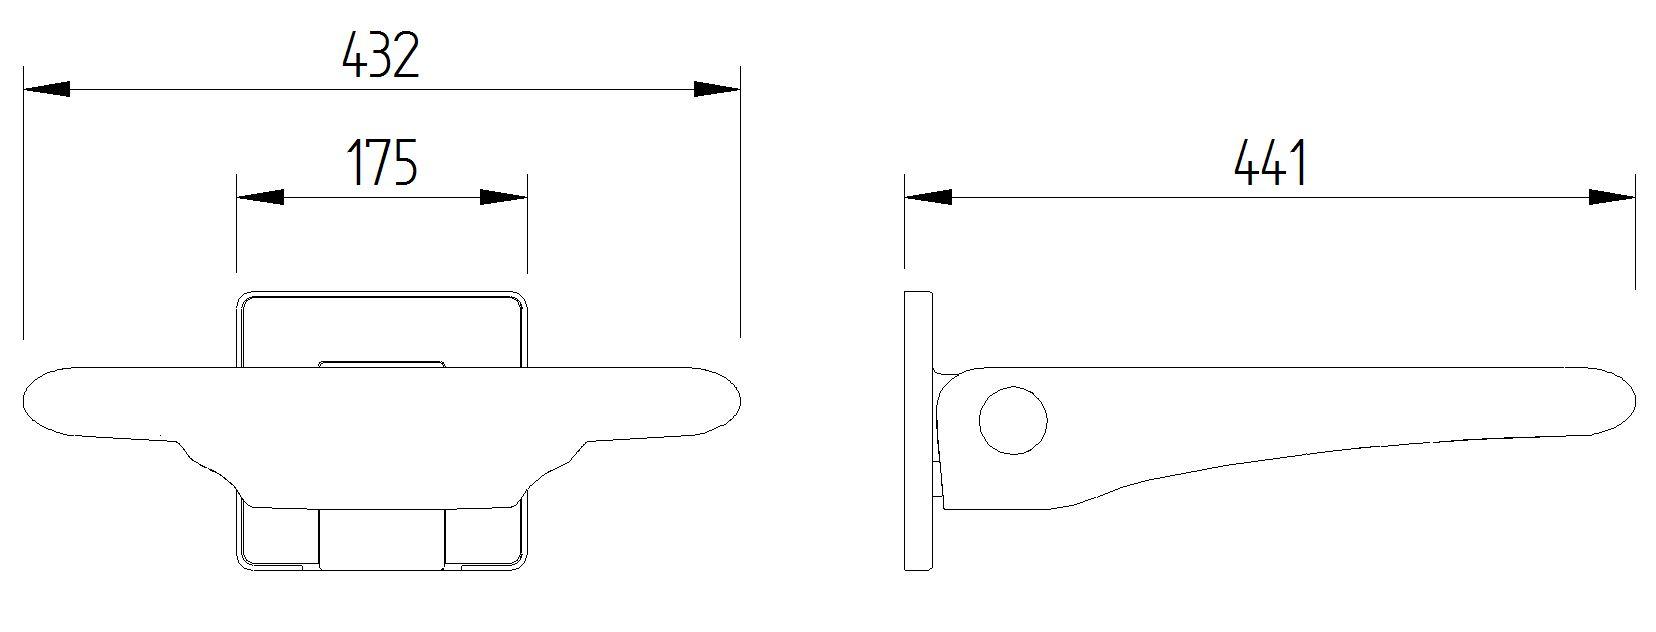 Skizze - Duschsitz zur Wandmontage ohne Rückenlehne - Serie Evolution von Lehnen